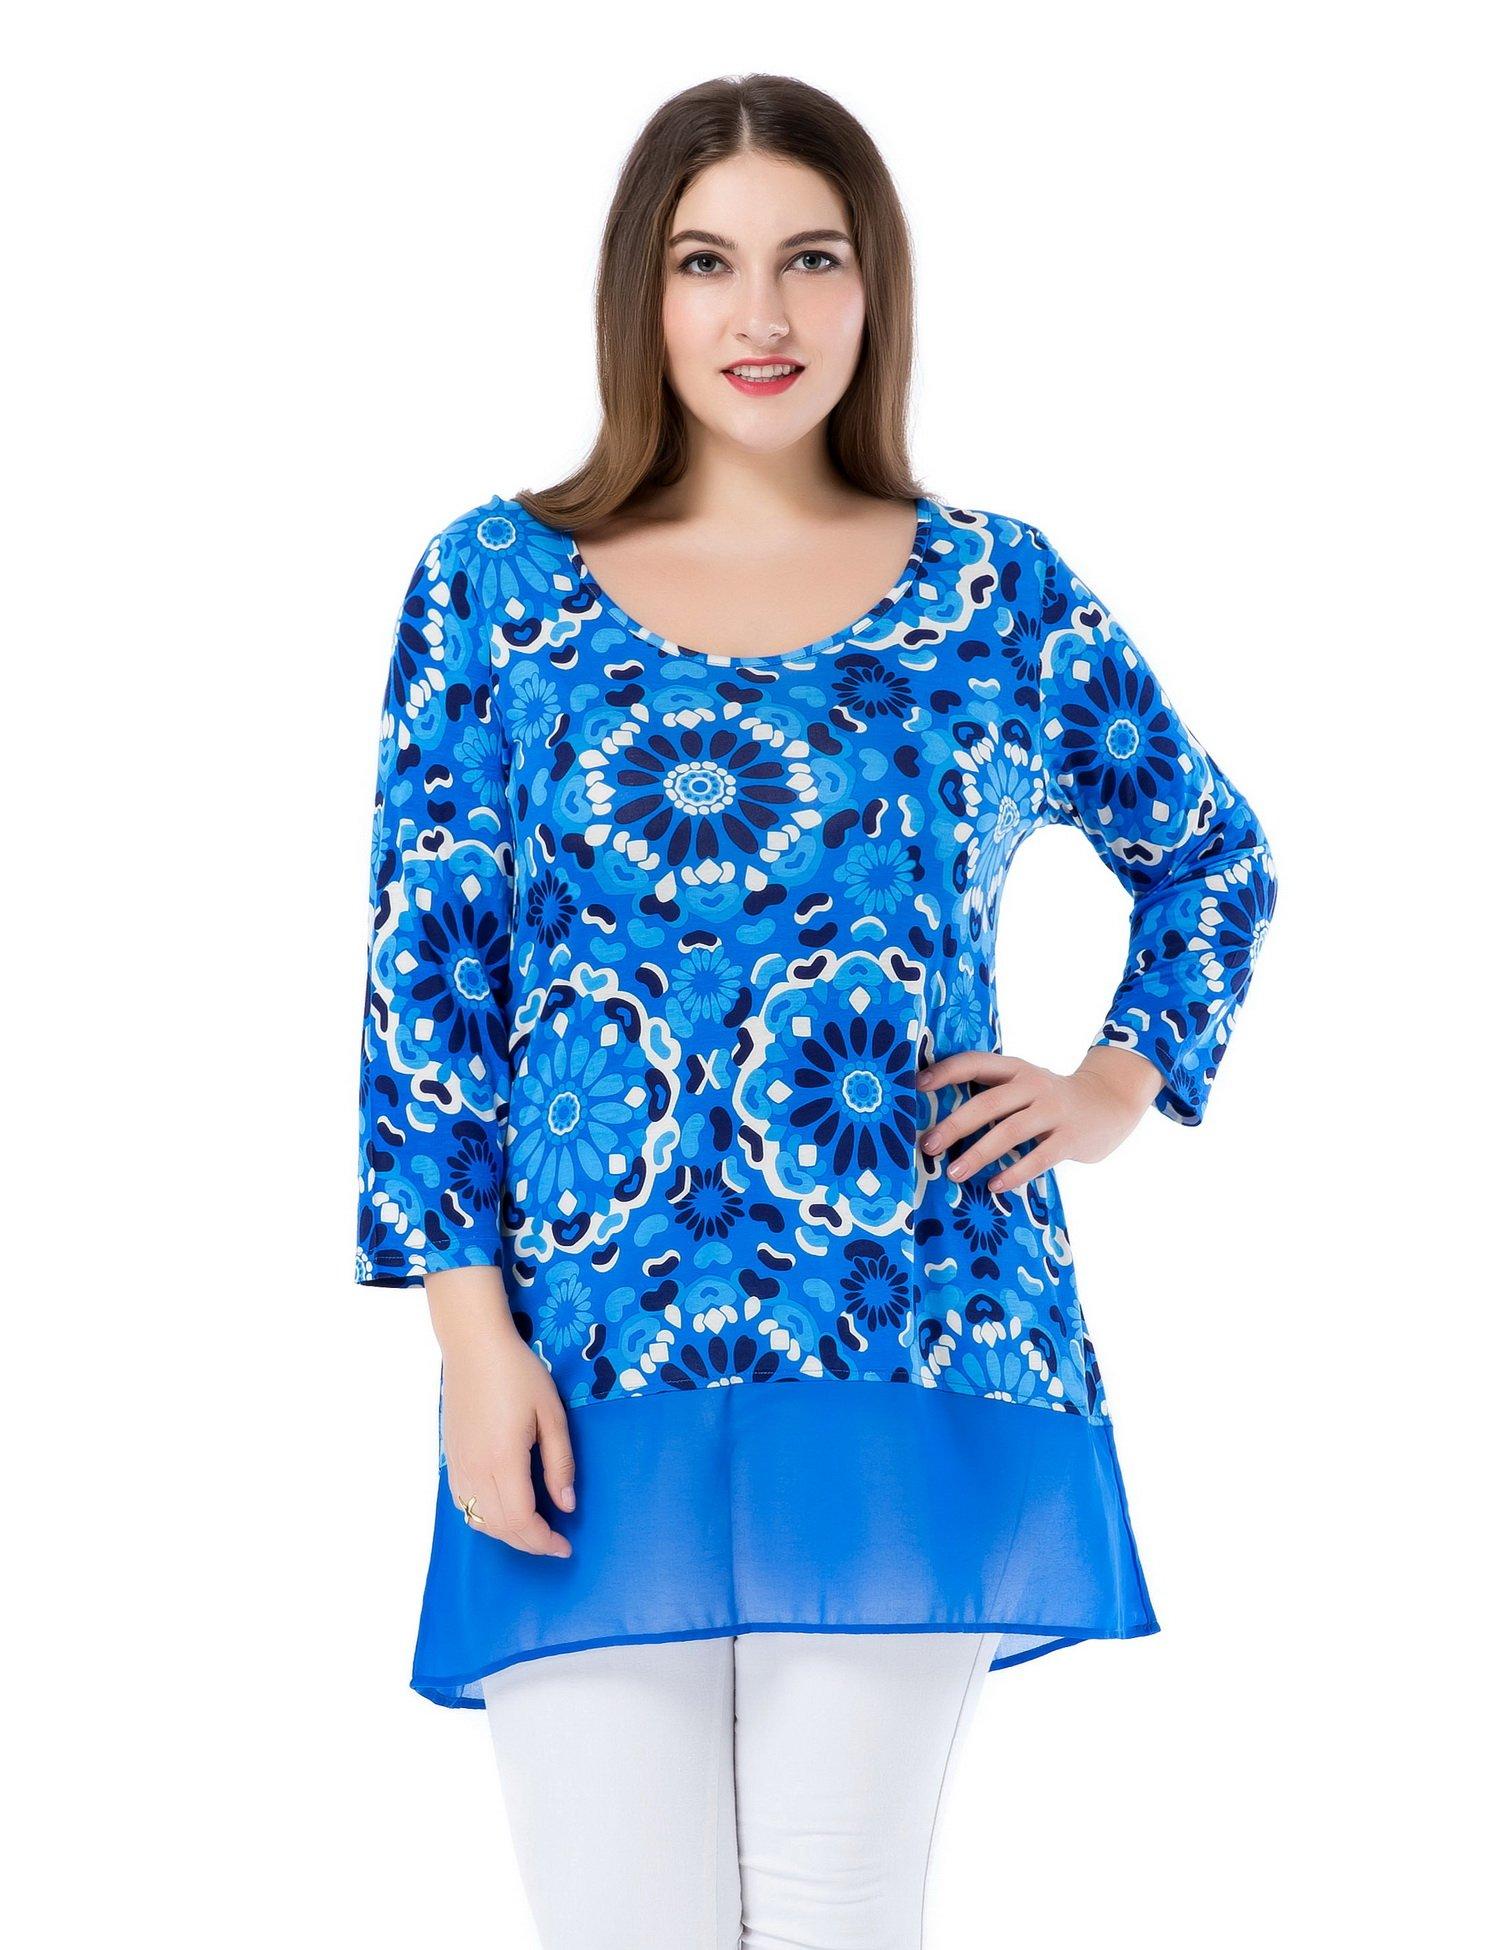 Chicwe Mujeres Tallas Grandes Tops Túnicas con Dobladillo de Gasa Blusa Estampado Floral - Camiseta Casual en Oficina Fiesta